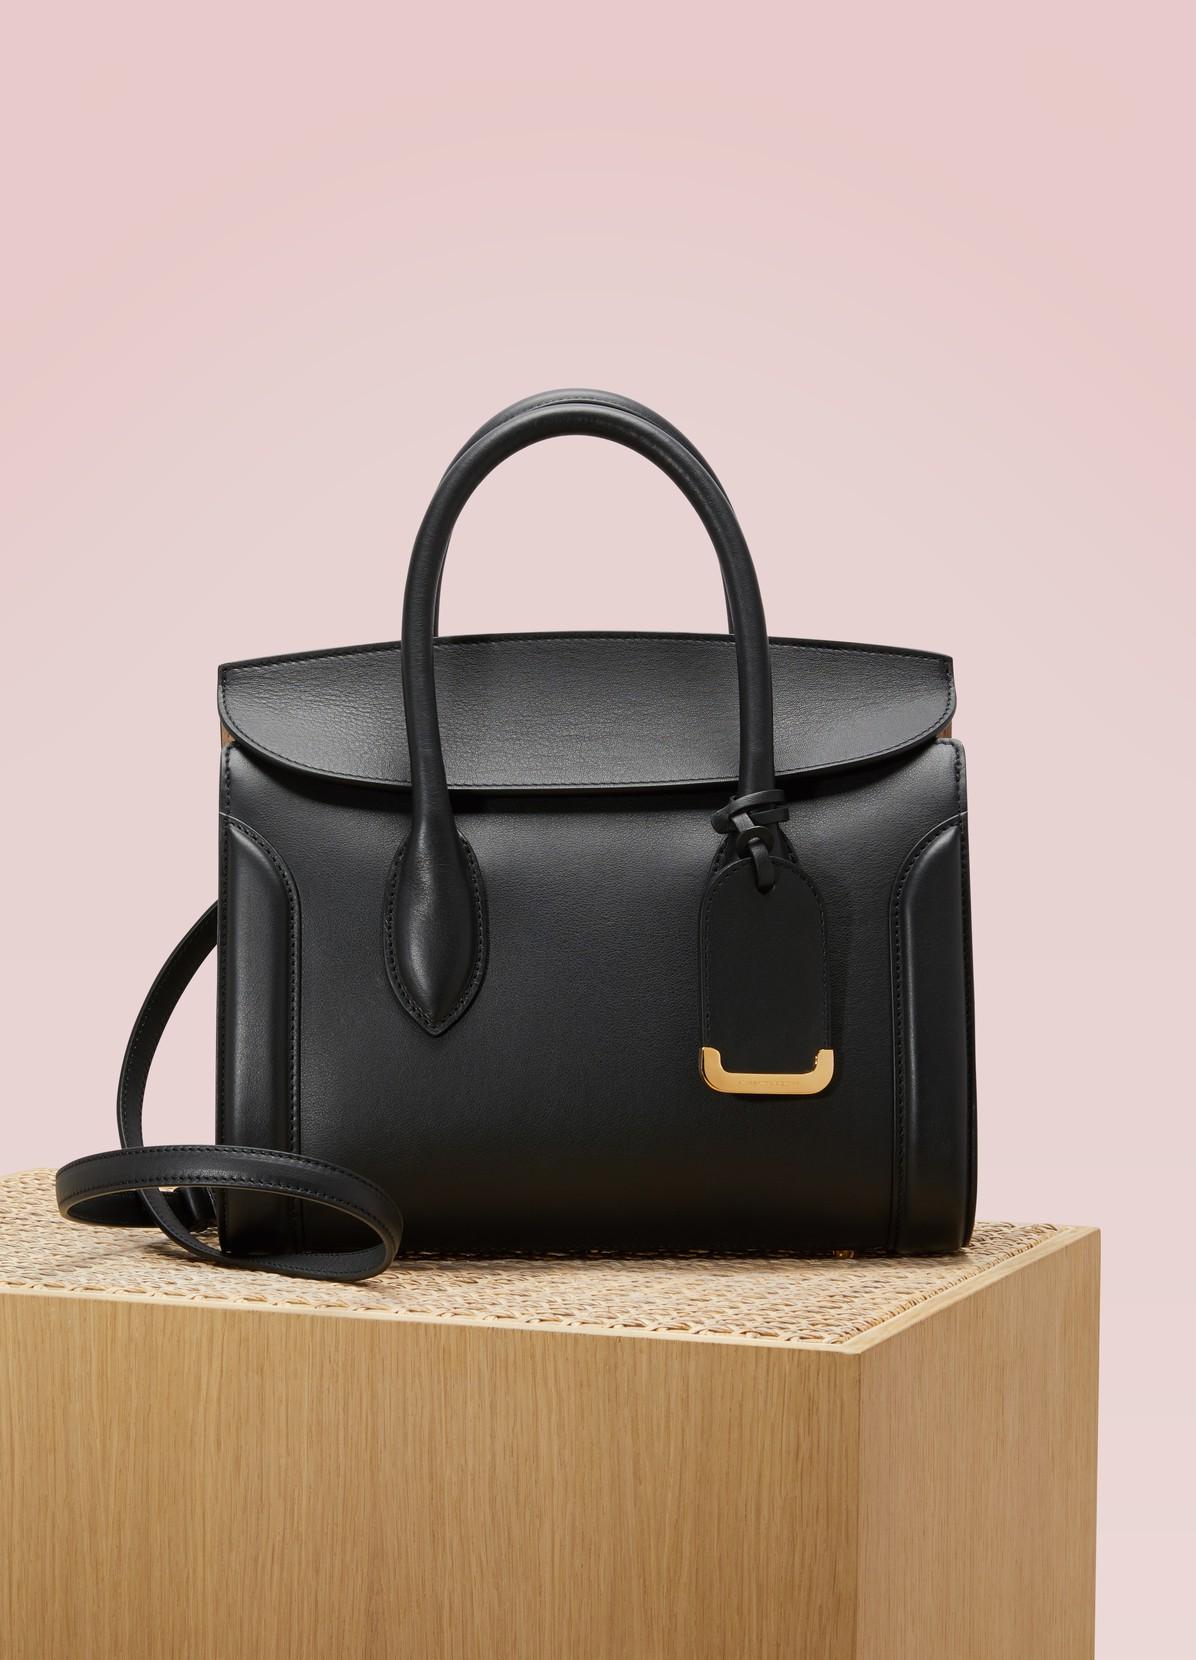 Heroine Leather Handbag | ALEXANDER MCQUEEN | 24 Sèvres